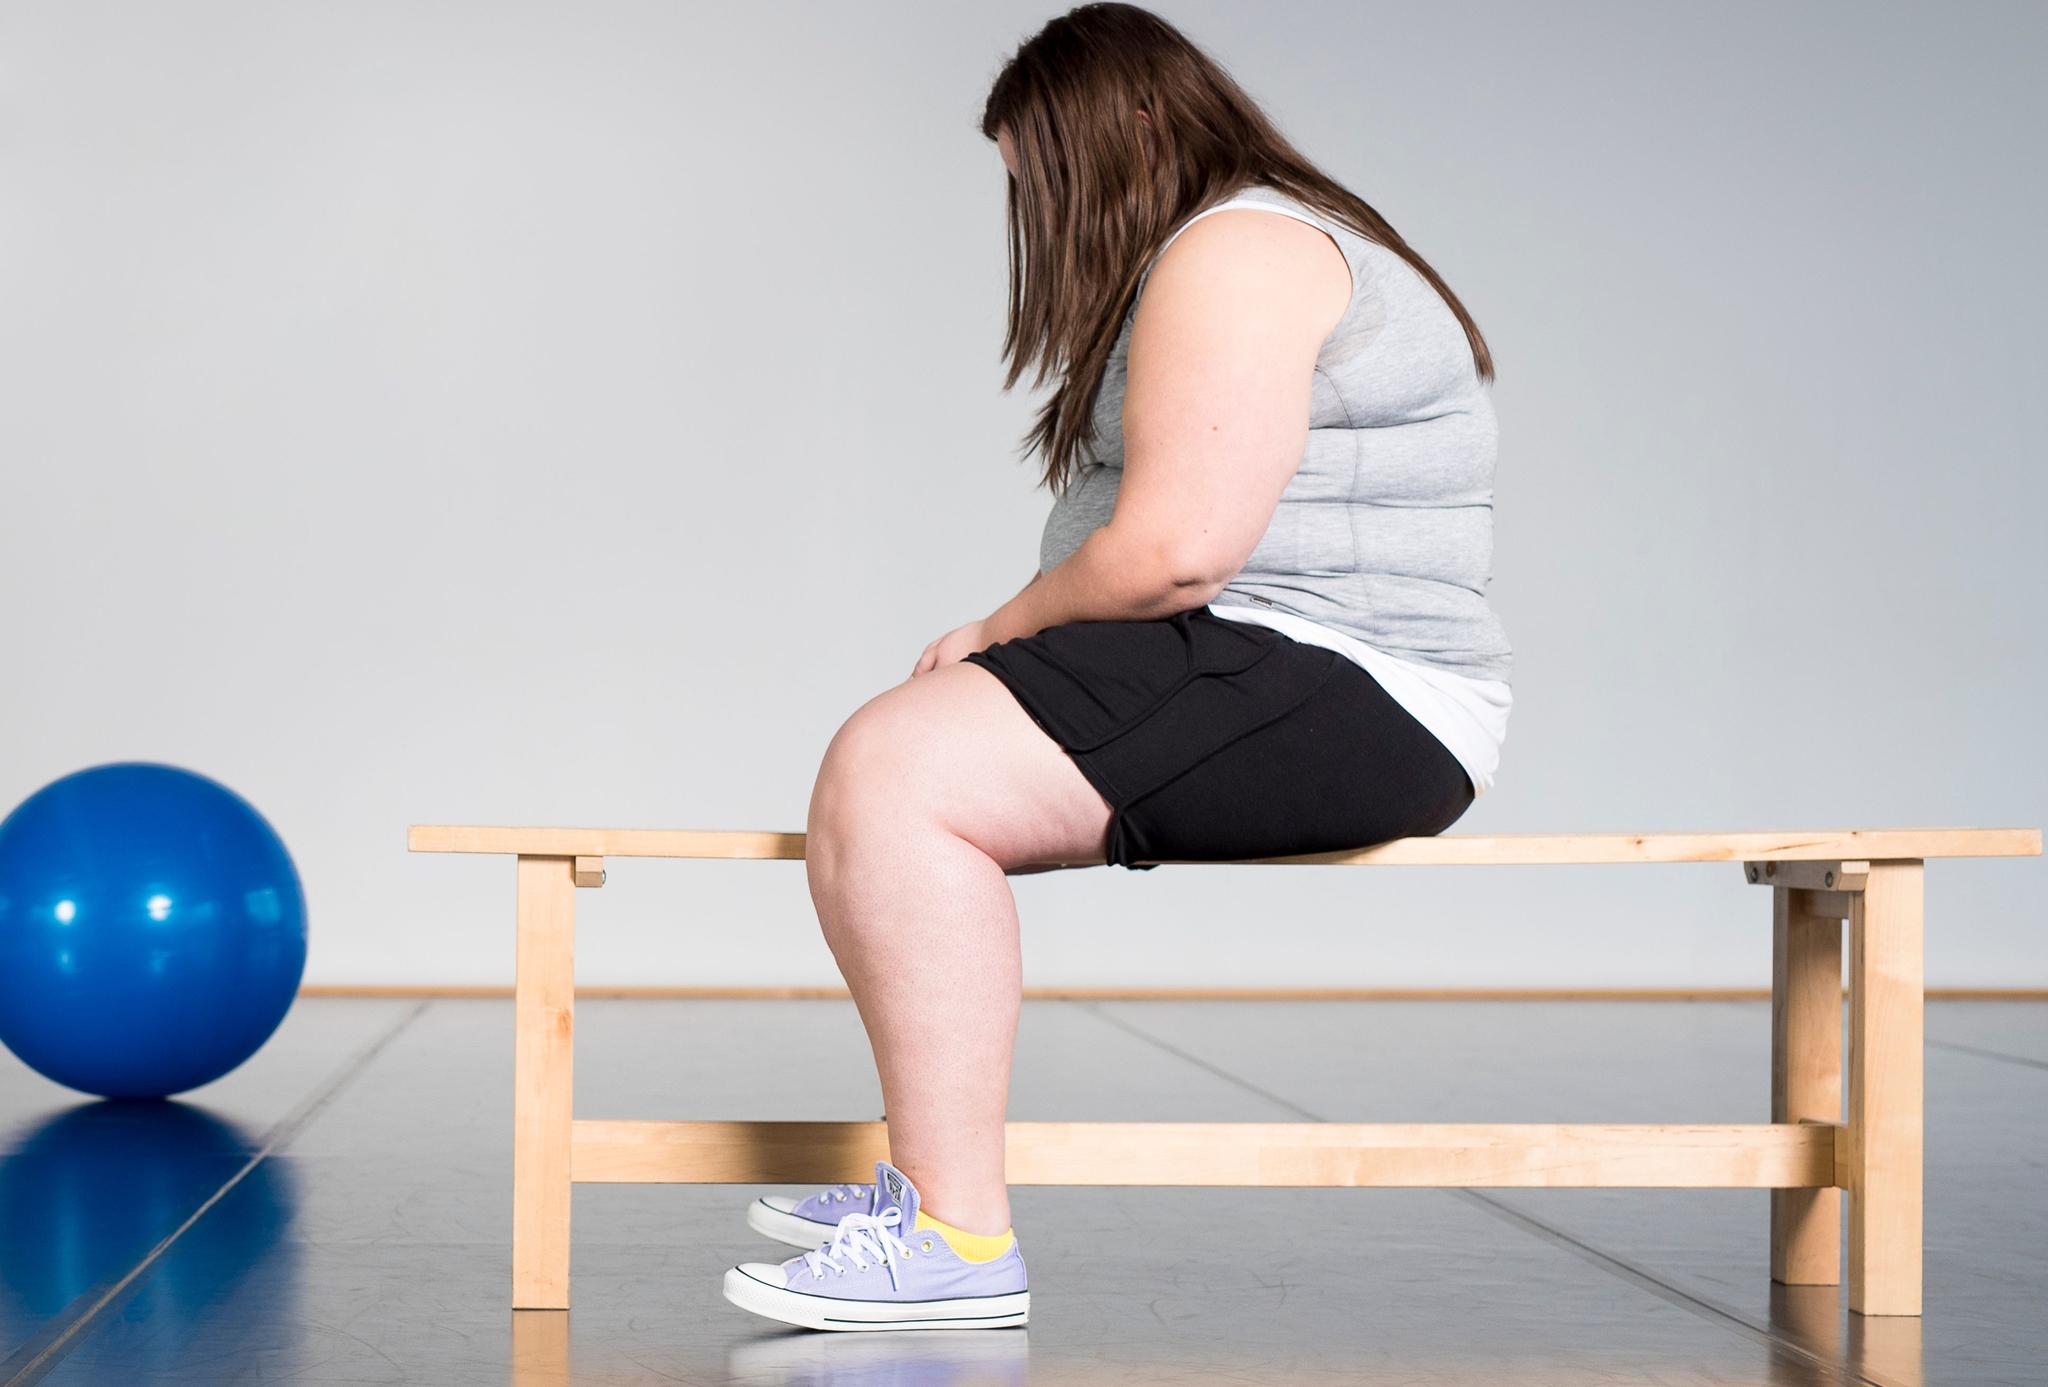 만년 뚱뚱과 통통 사이를 오가던 에디터의 '레알' 건강한 몸 만들기 프로젝트.